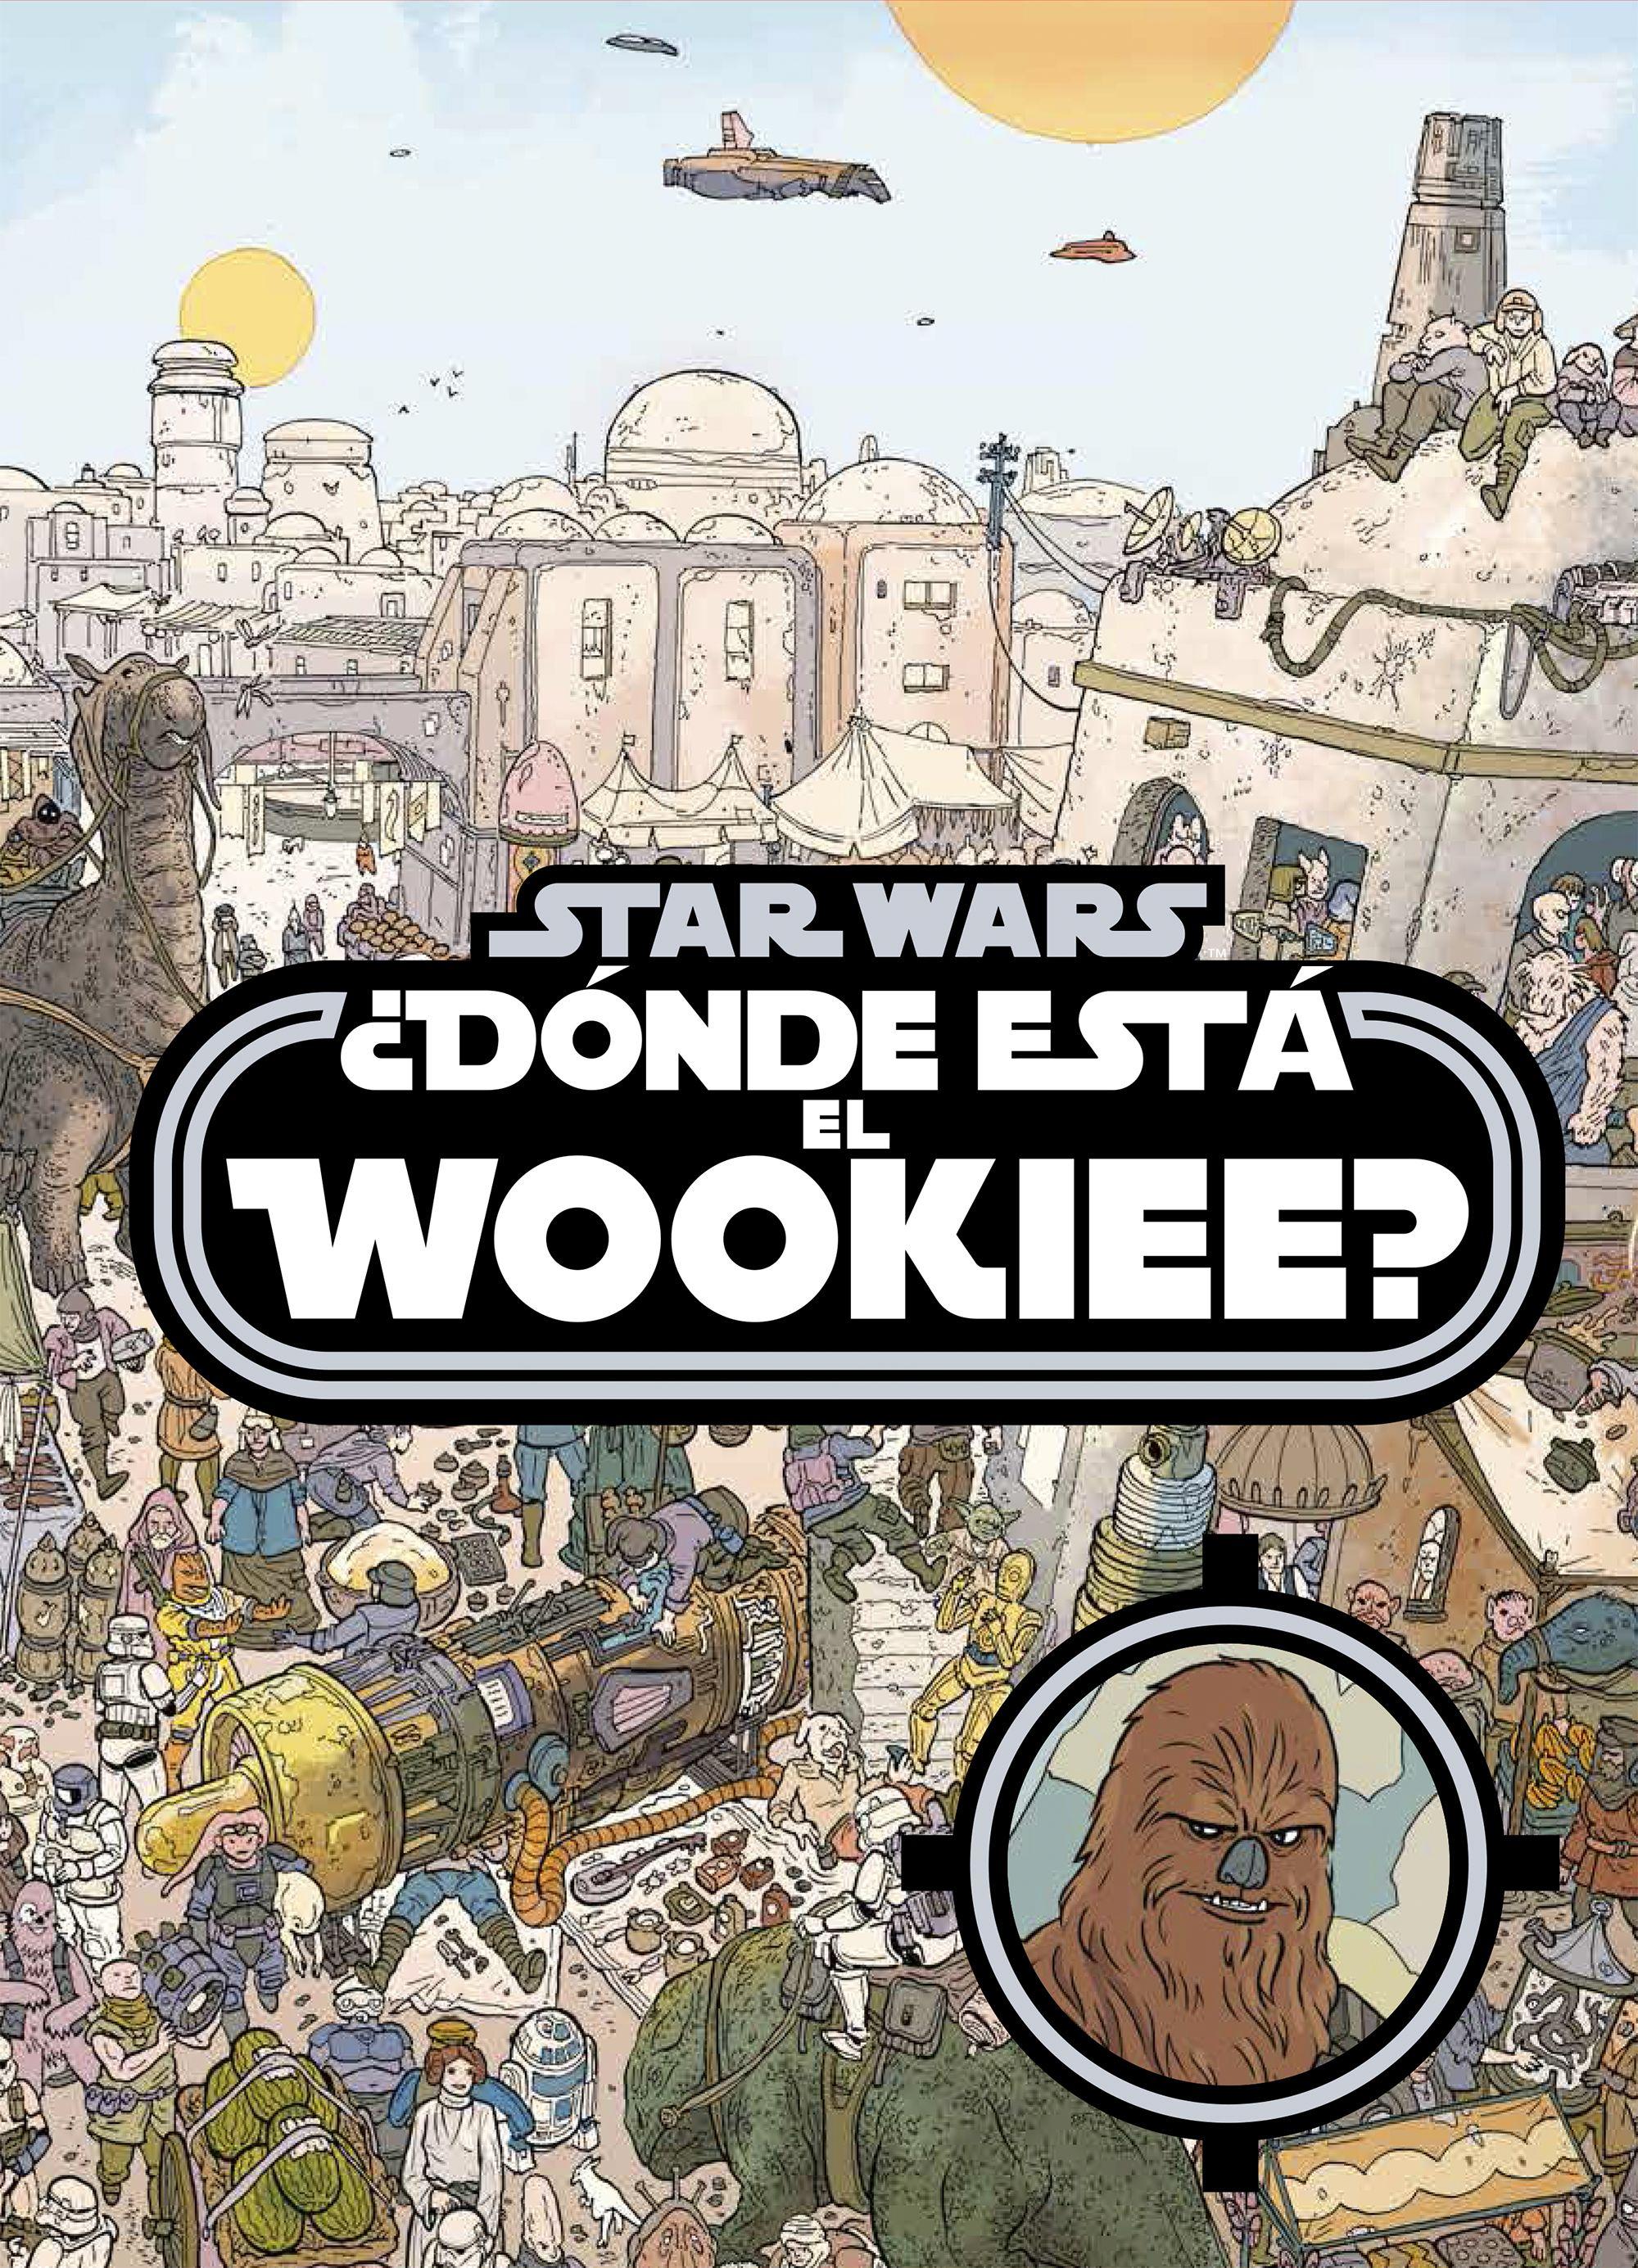 Libros Star Wars: Donde está el Wookiee?